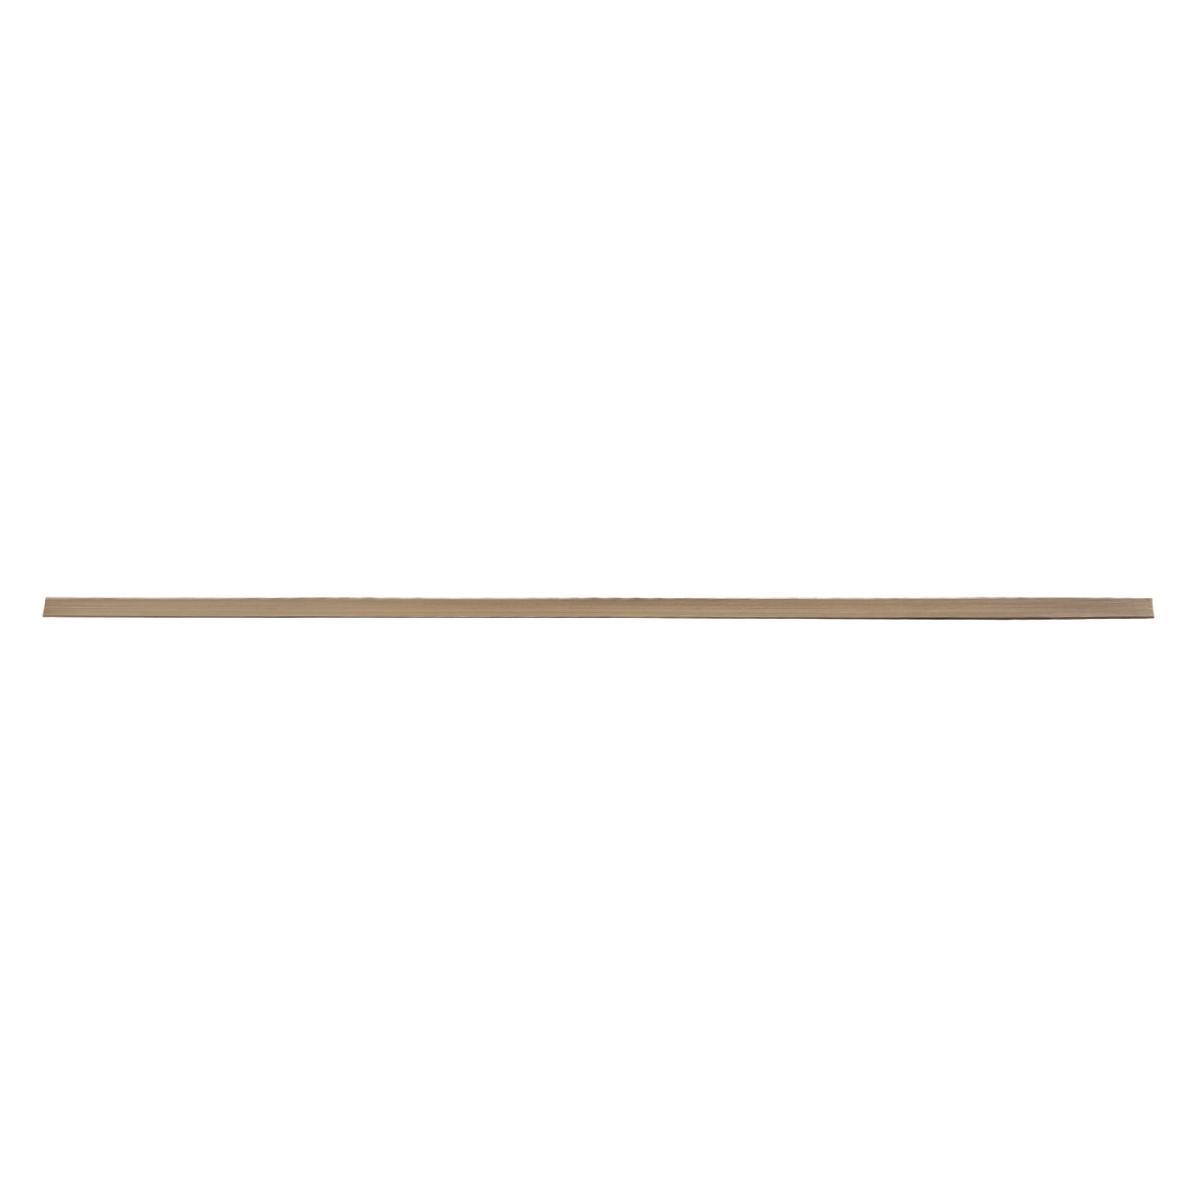 Perfil De Dilatación European Classic Roble Cappuccino Mate - 5X200 cm